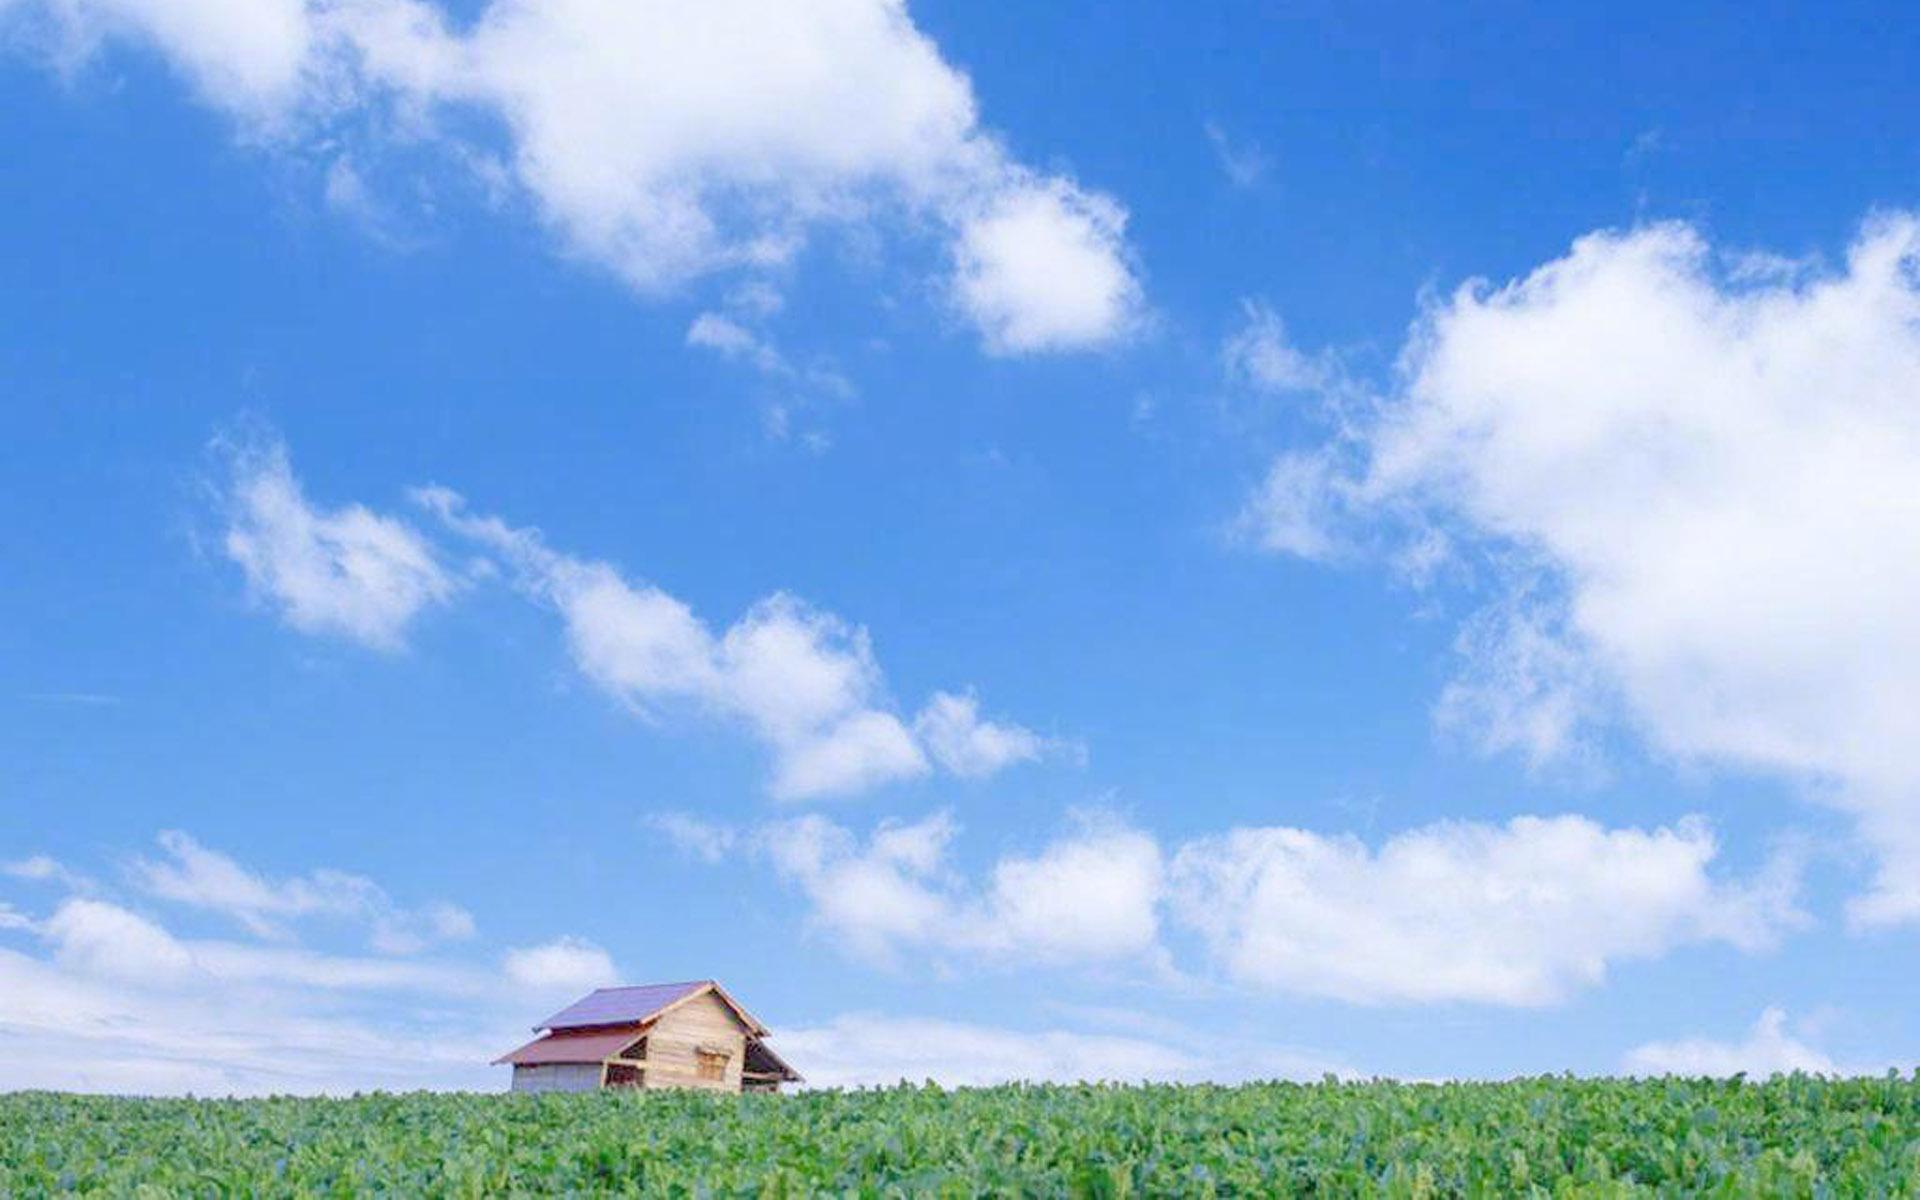 高清蓝天白云大自然风景搜狗桌面壁纸大全